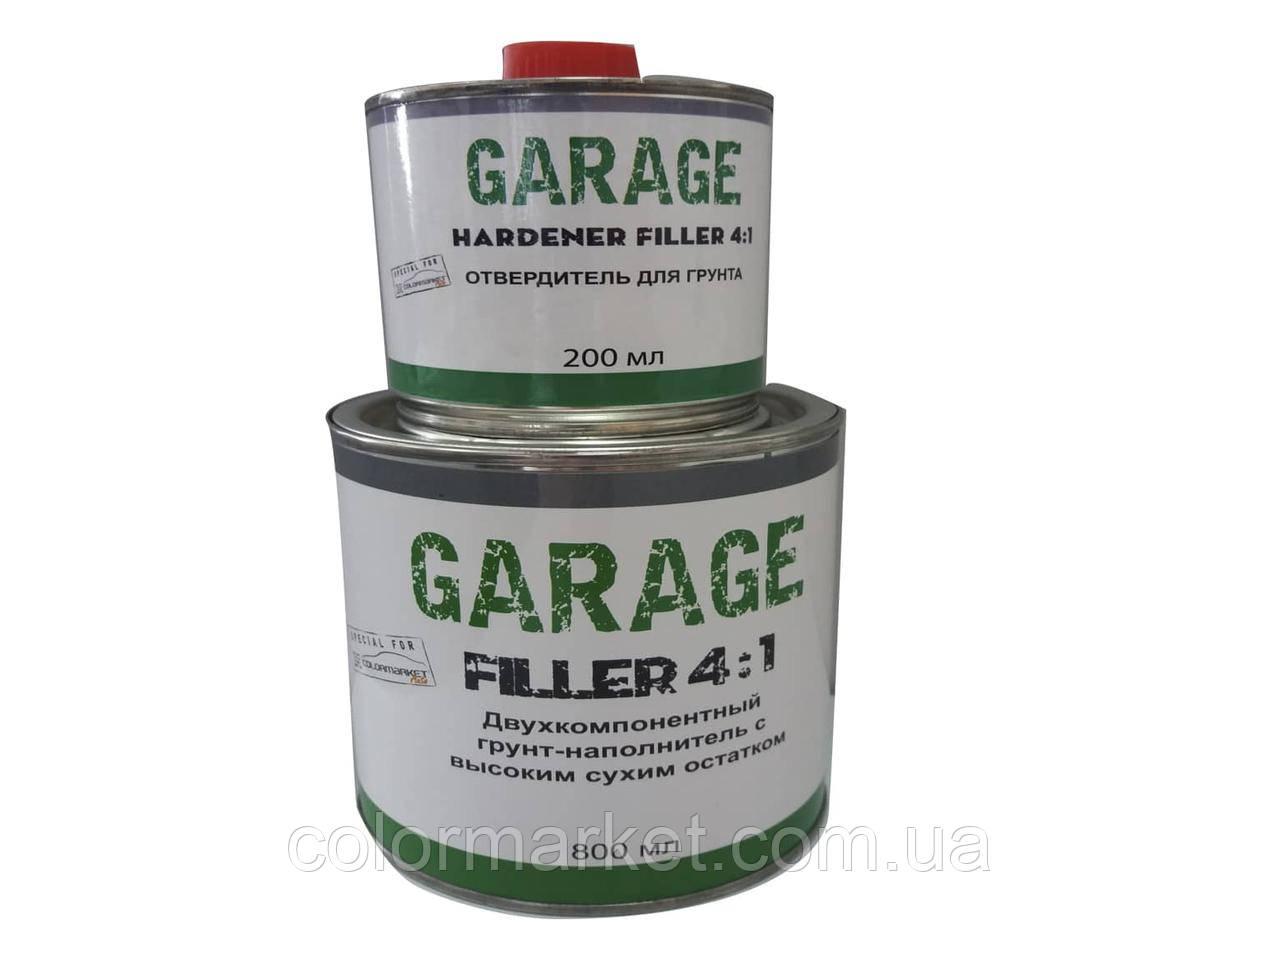 Акрил-полиуретановый грунт HS Filler 4:1 2К серый (800 мл) с отвердителем (200 мл), GARAGE